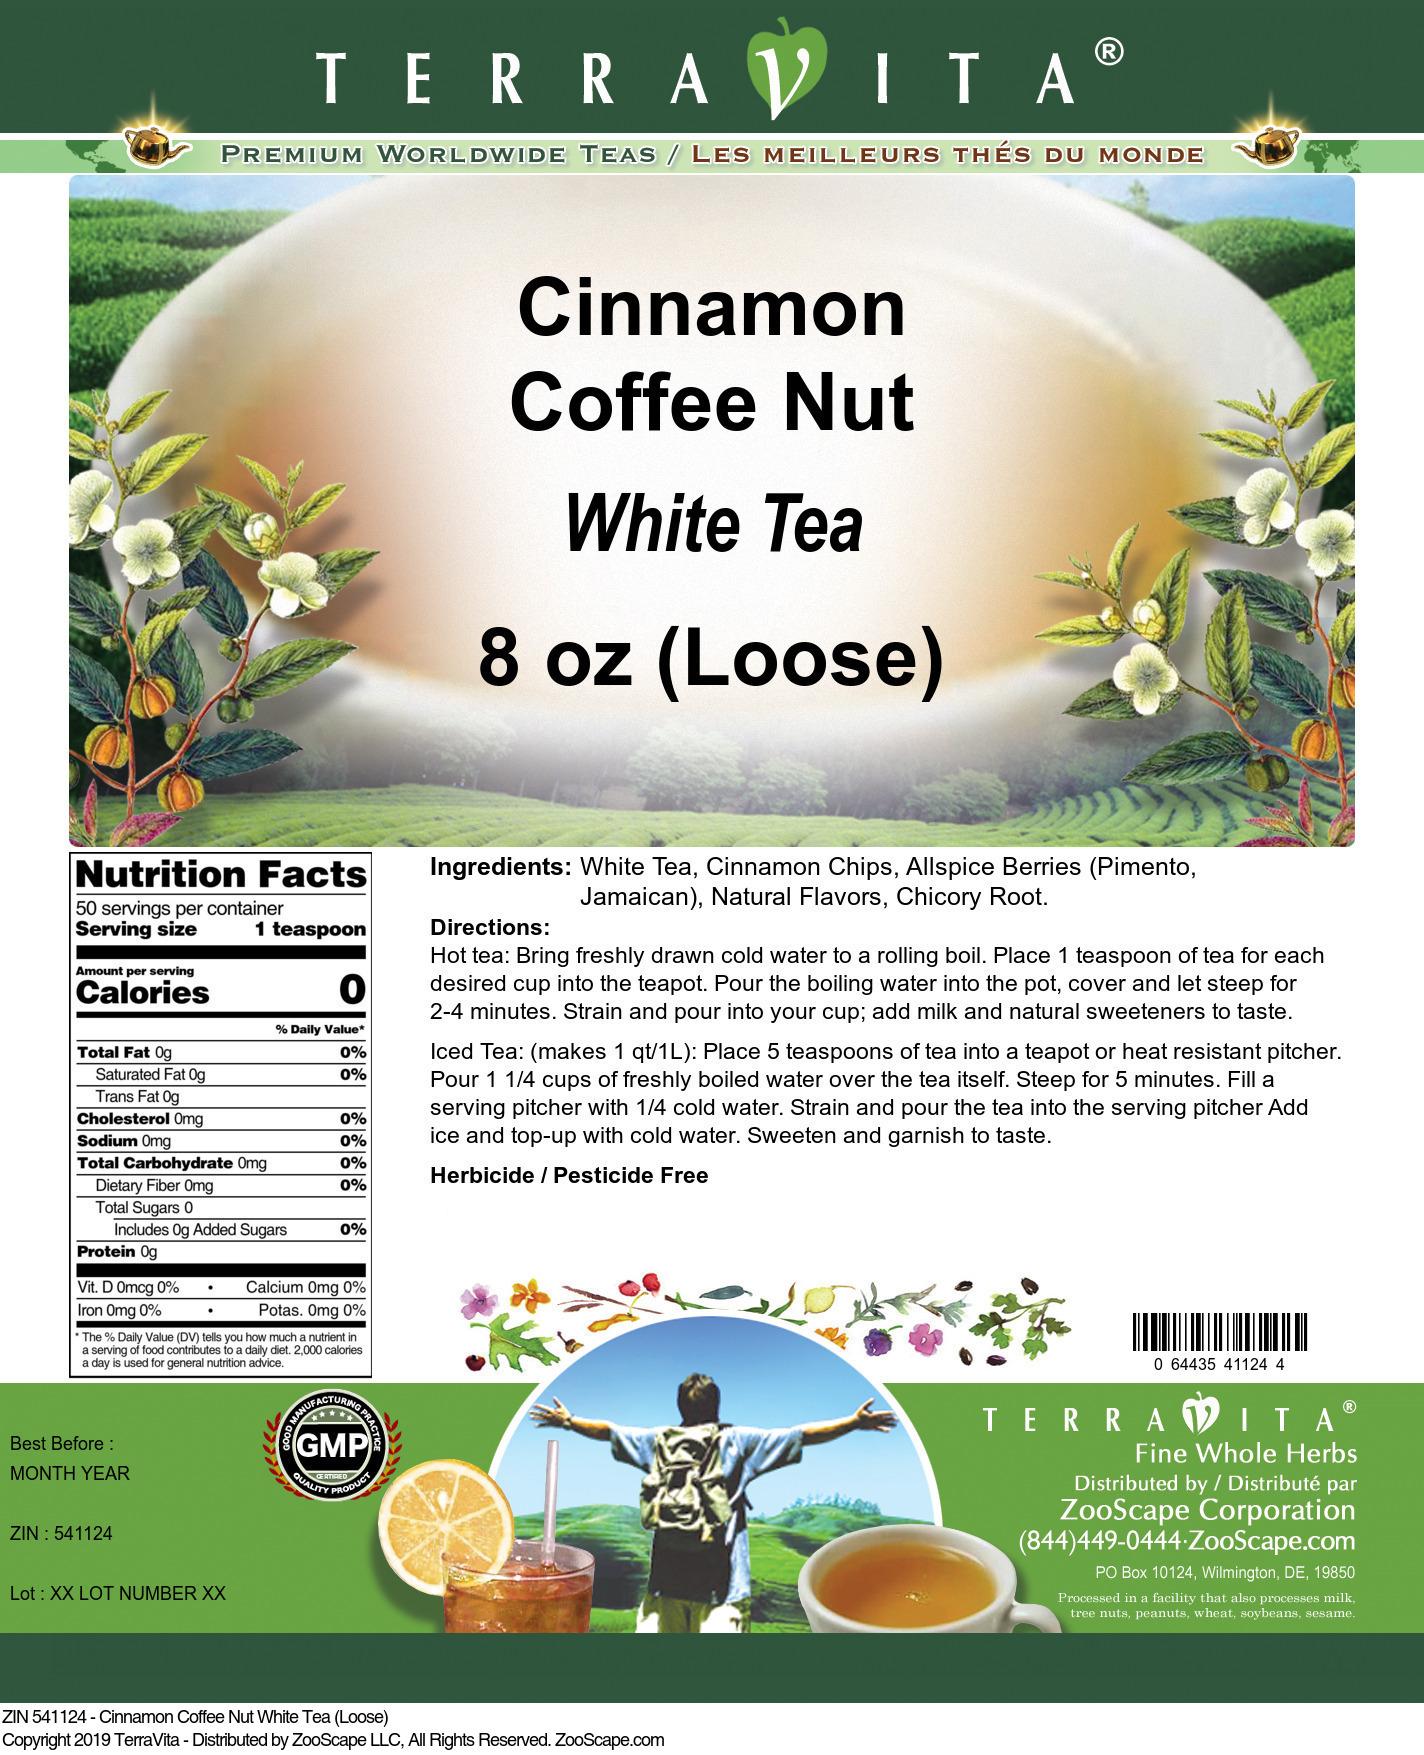 Cinnamon Coffee Nut White Tea (Loose)